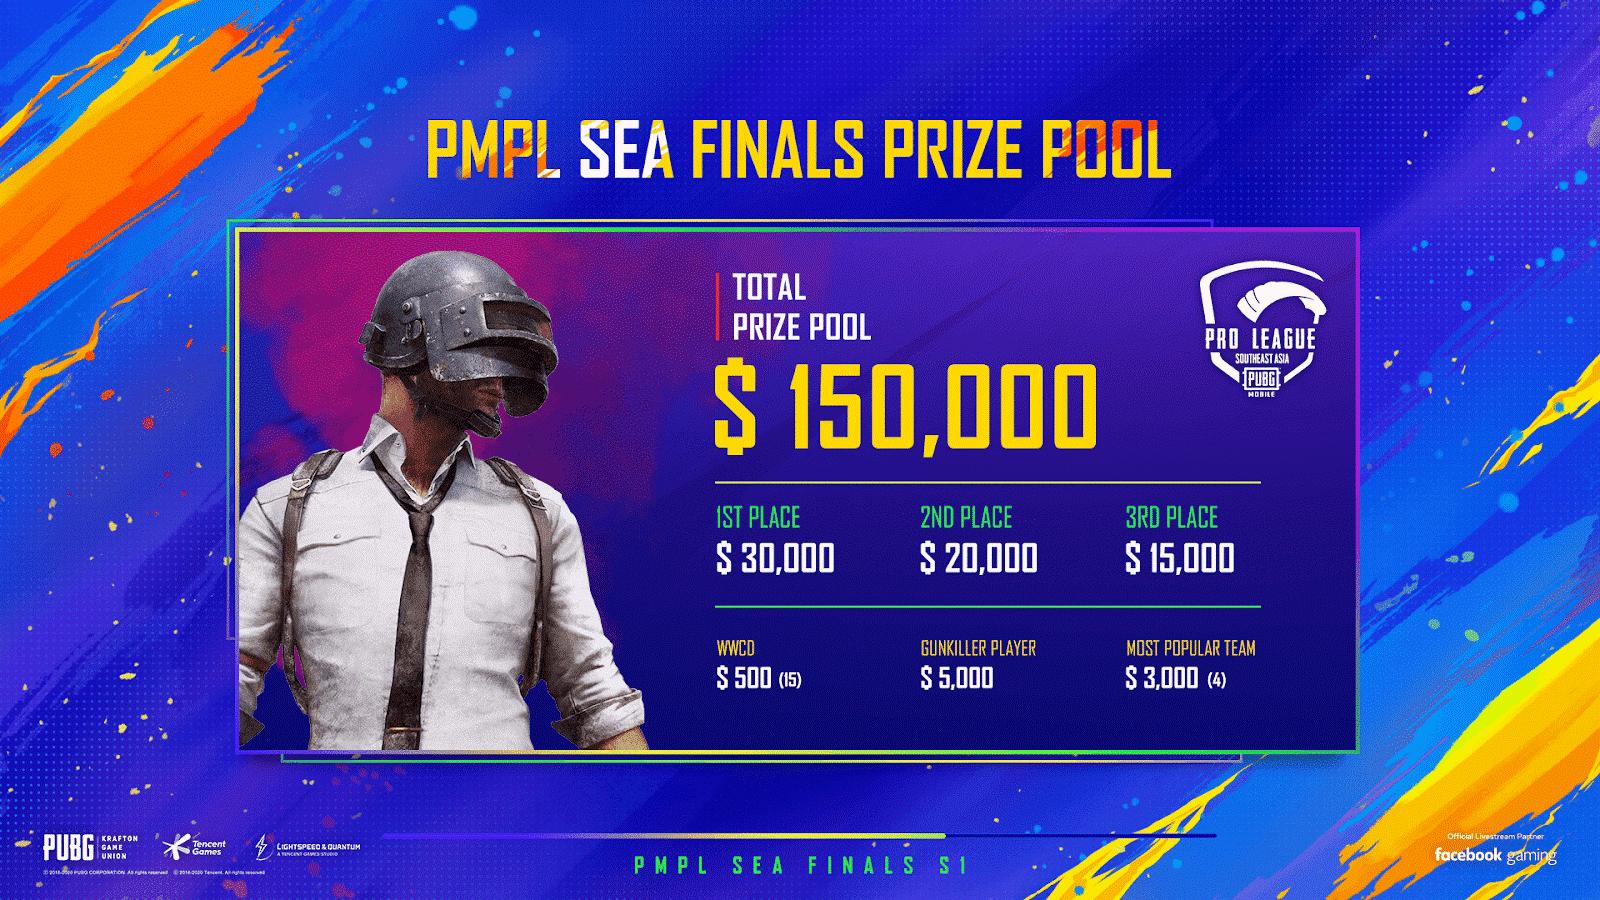 PUBG Mobile PMPL Southeast Asia Finals S1